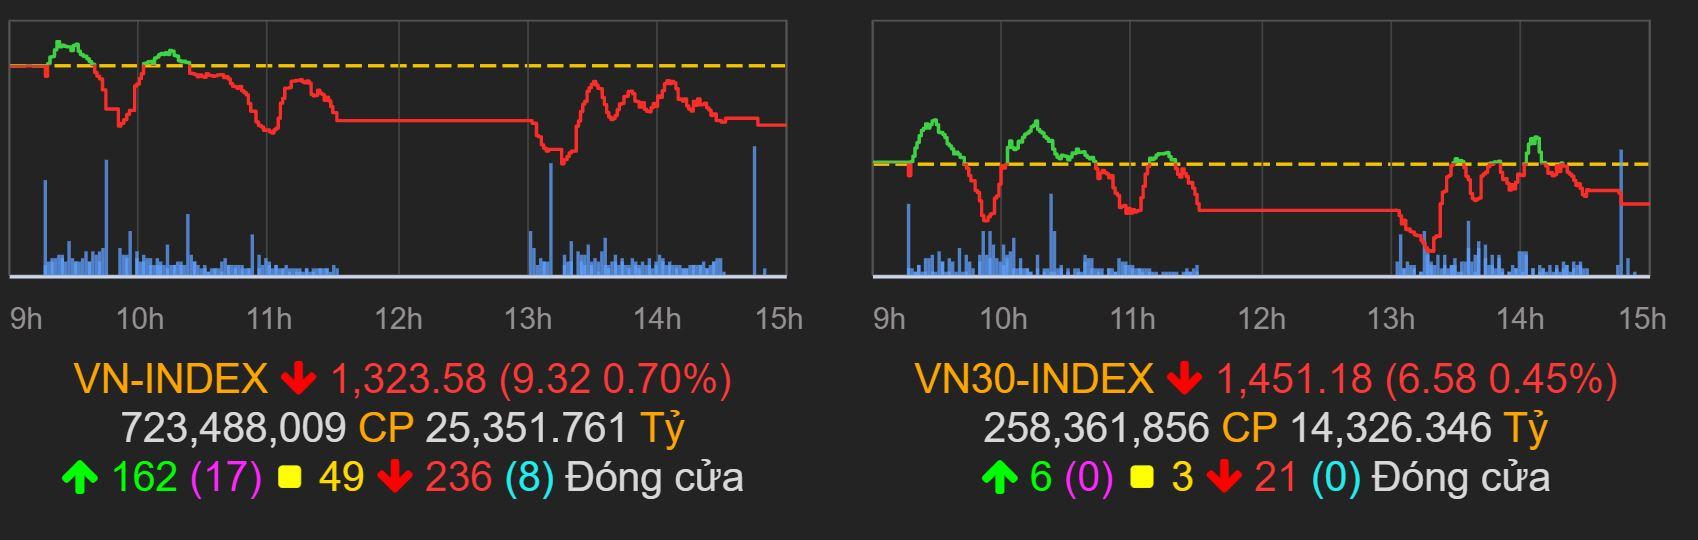 Thị trường chứng khoán (10/6): Thiếu vắng dòng dẫn dắt, VN-Index lên xuống như tàu lượn, cổ phiếu thủy sản đồng loạt tăng trần - Ảnh 1.